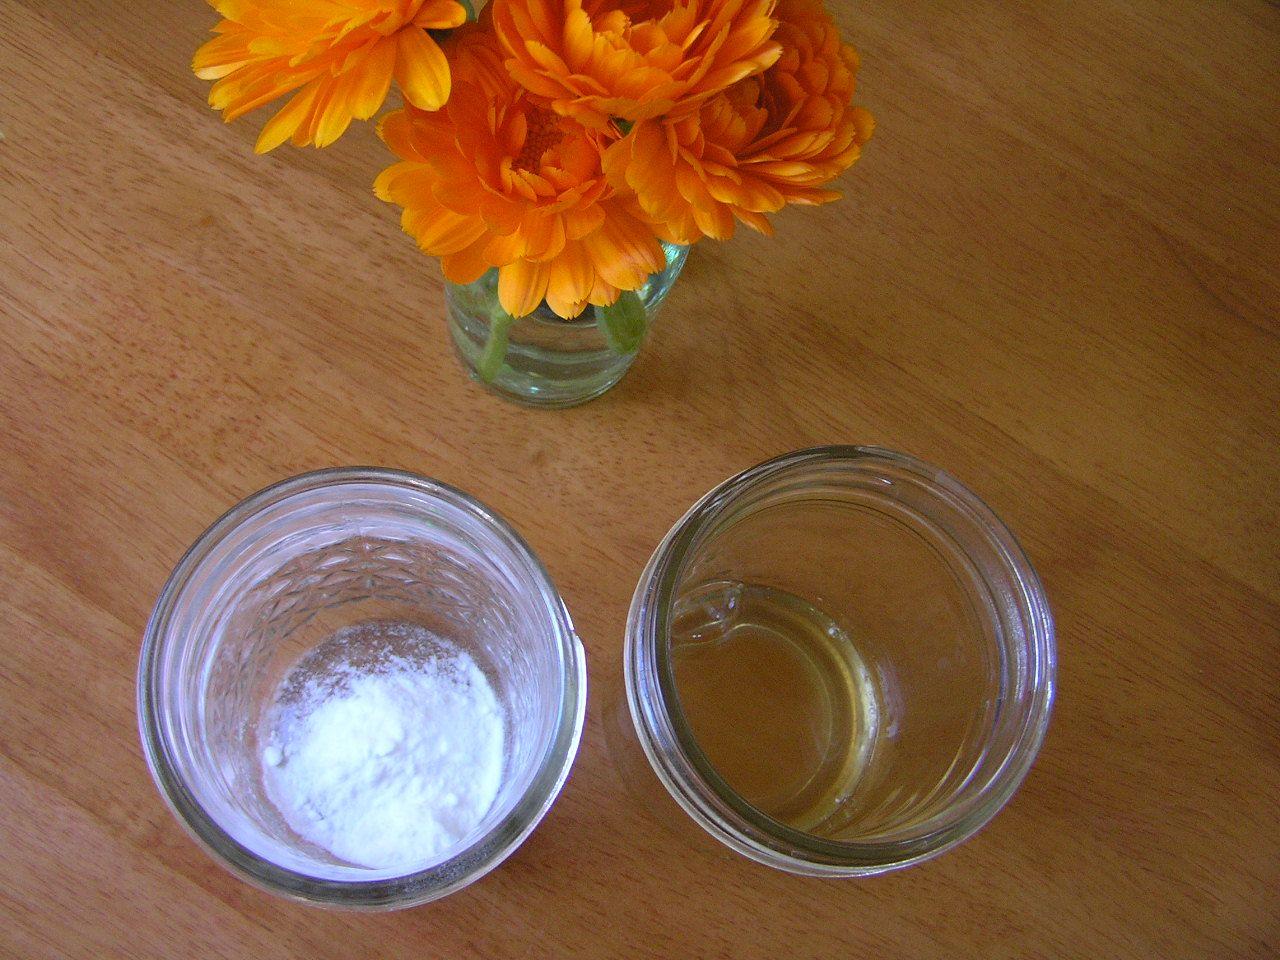 Shampoo all'aceto e al bicarbonato